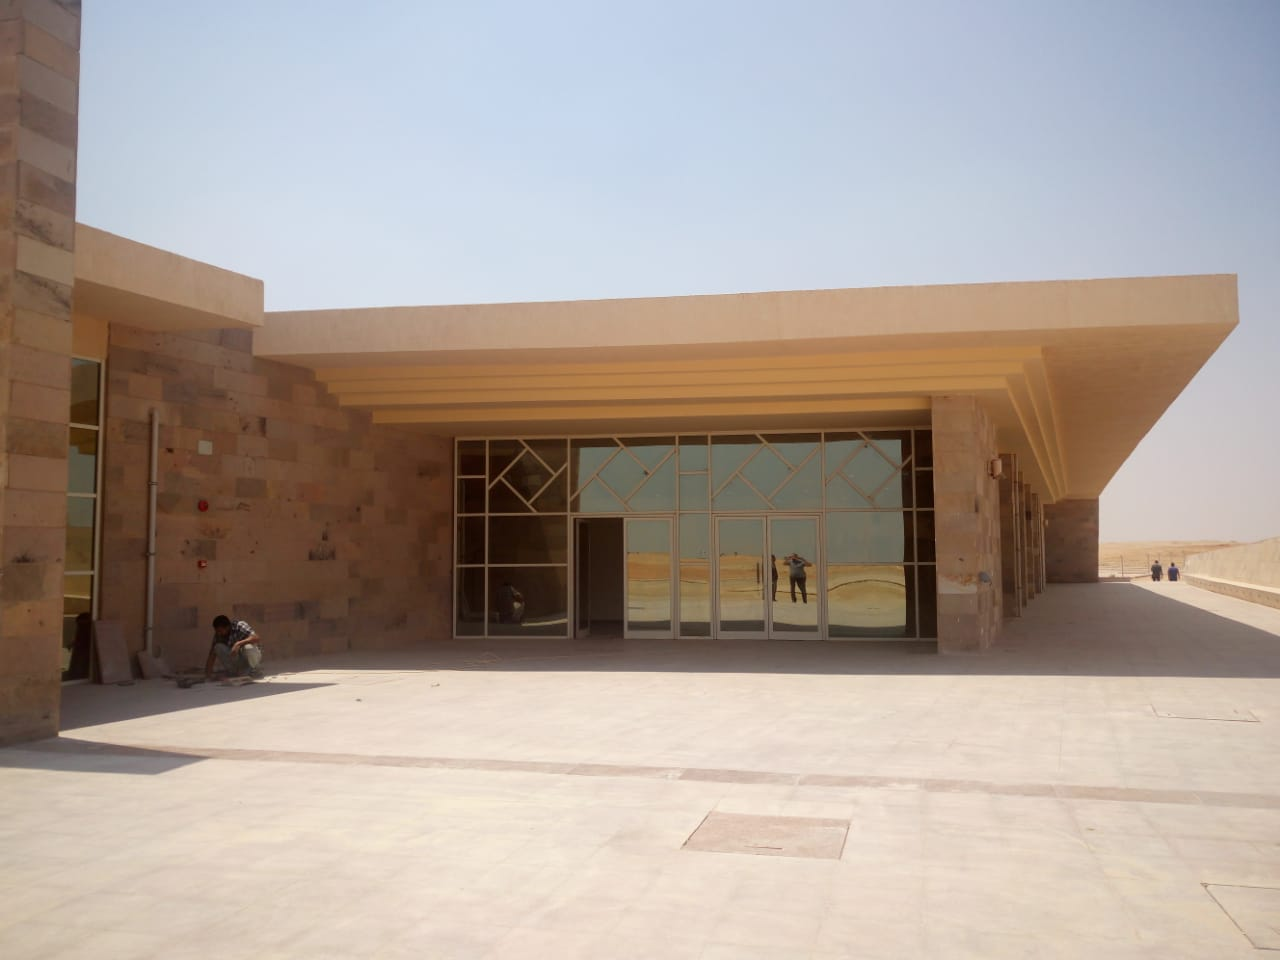 مبنى الزوار بمشروع تطوير هضبة الهرم (1)